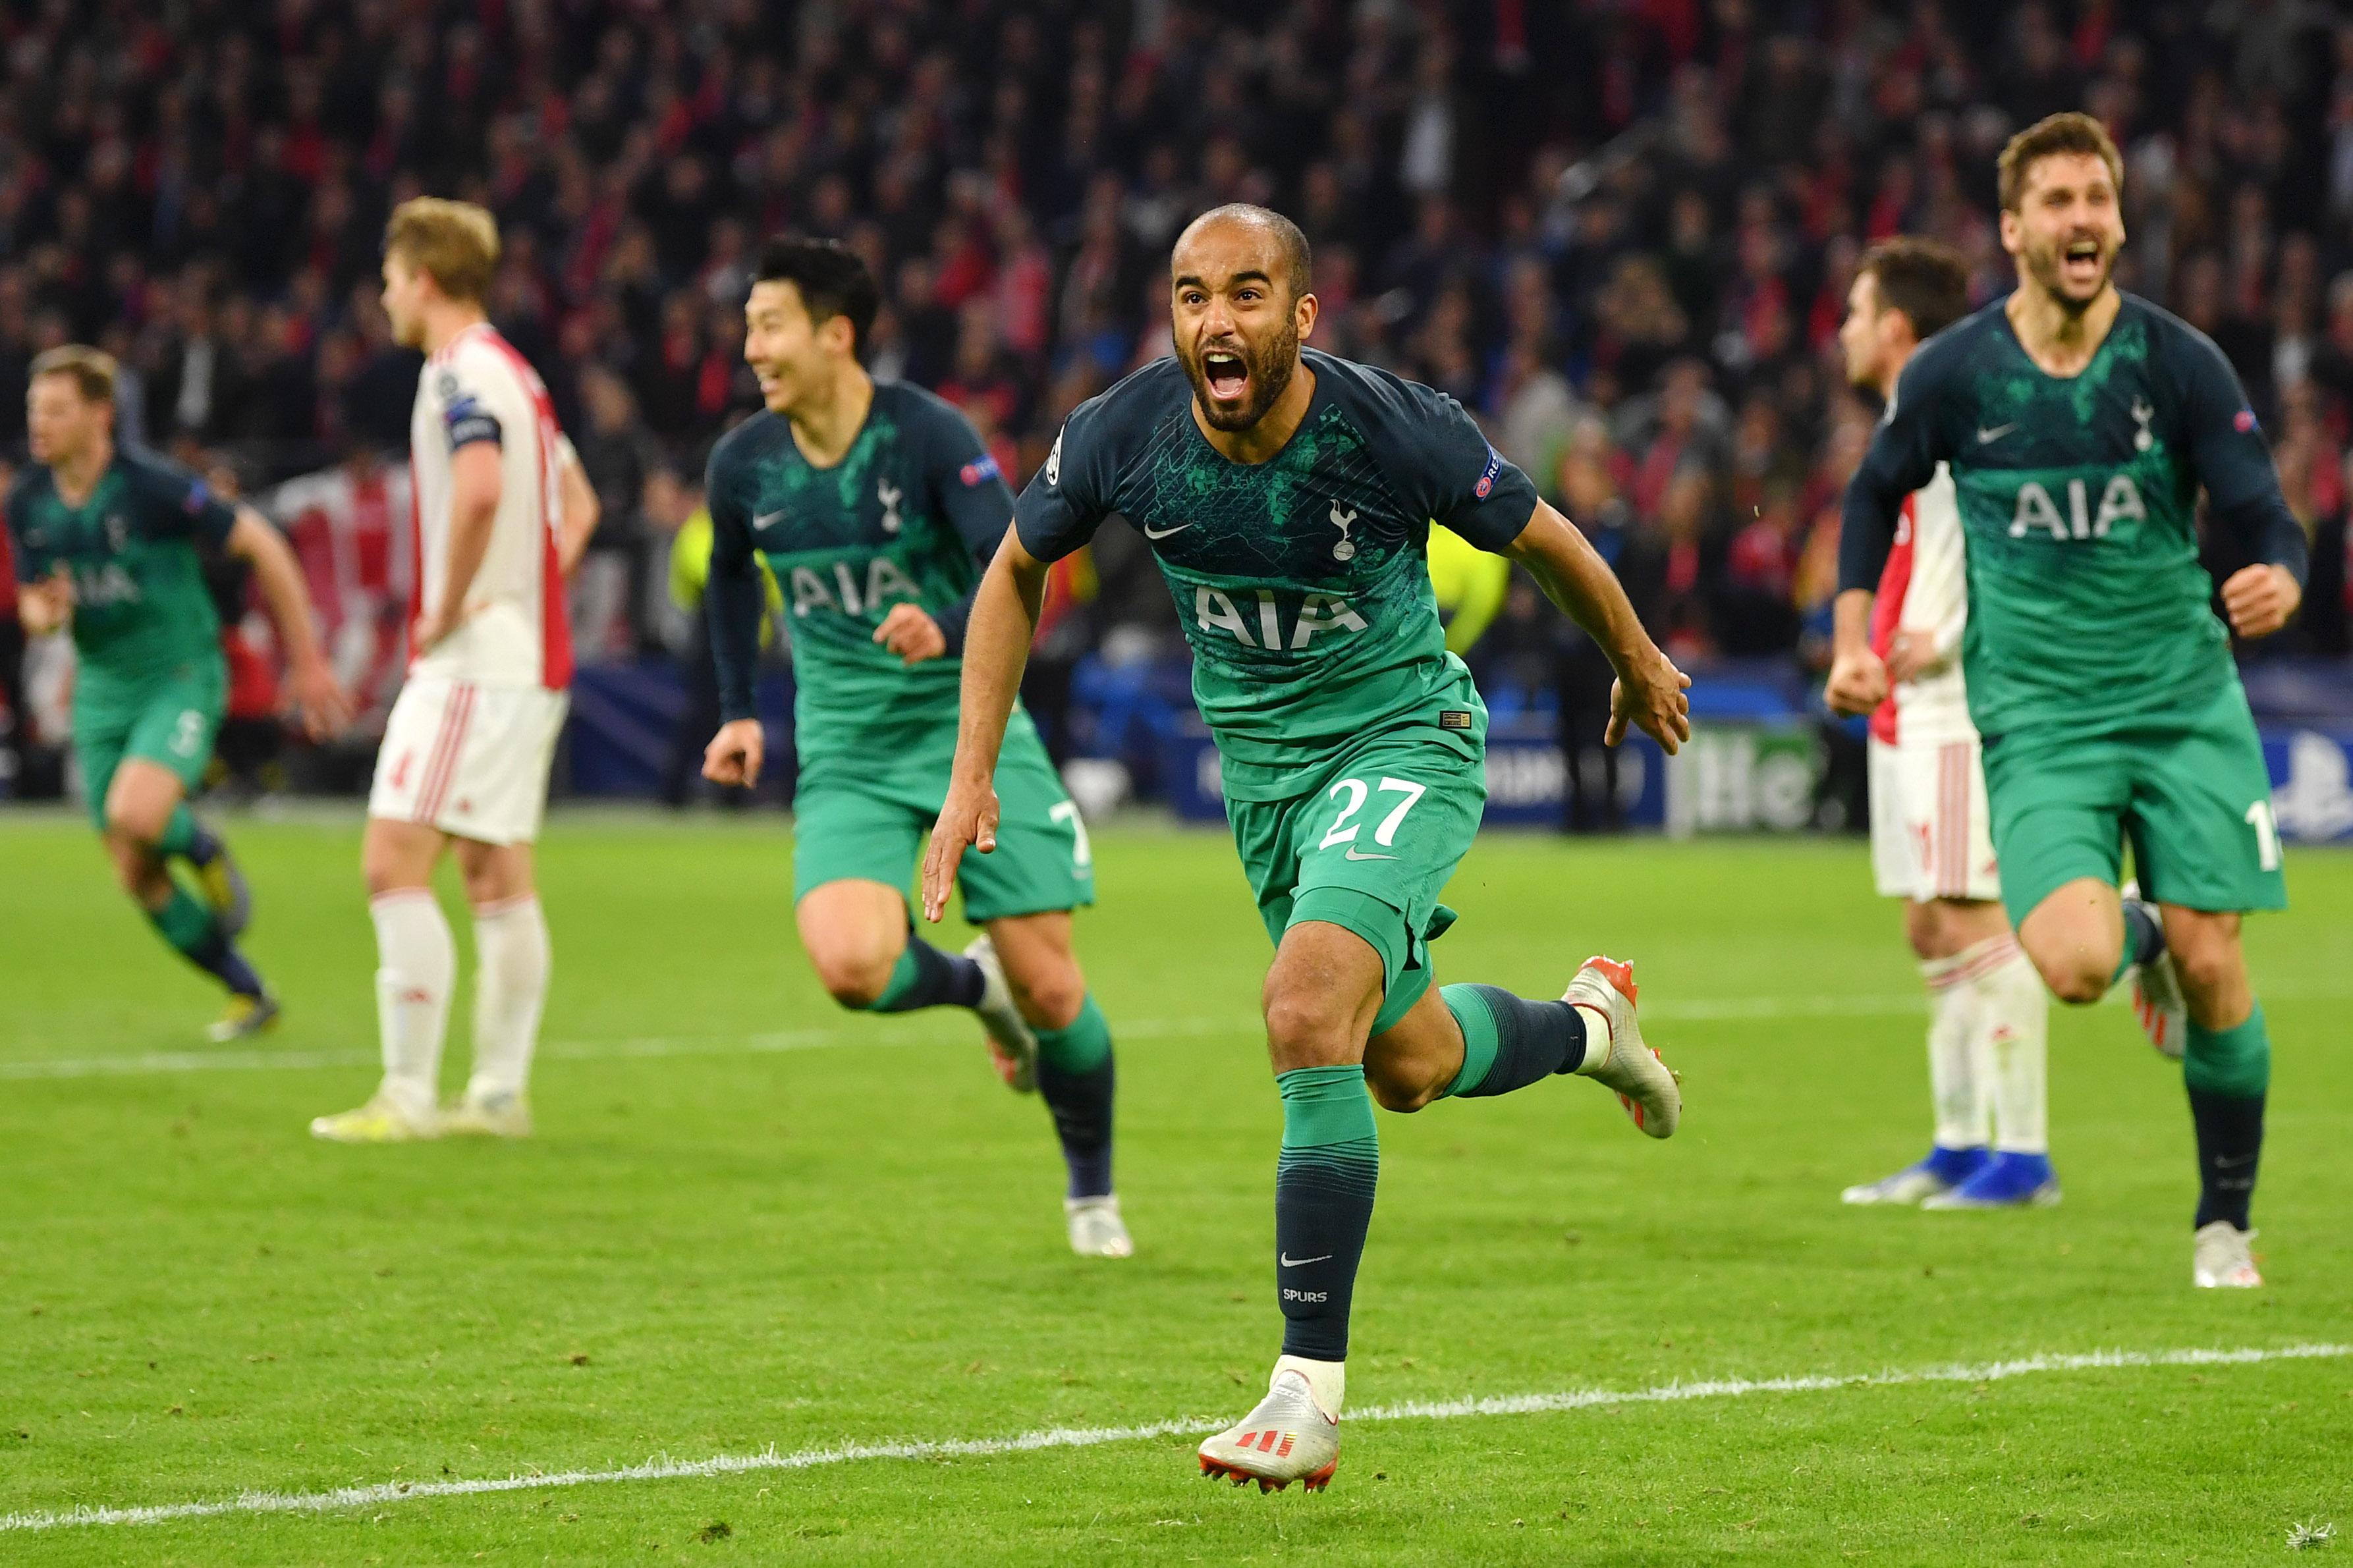 Tottenham - Liverpool : Les stats à connaître avant la finale de Ligue des champions